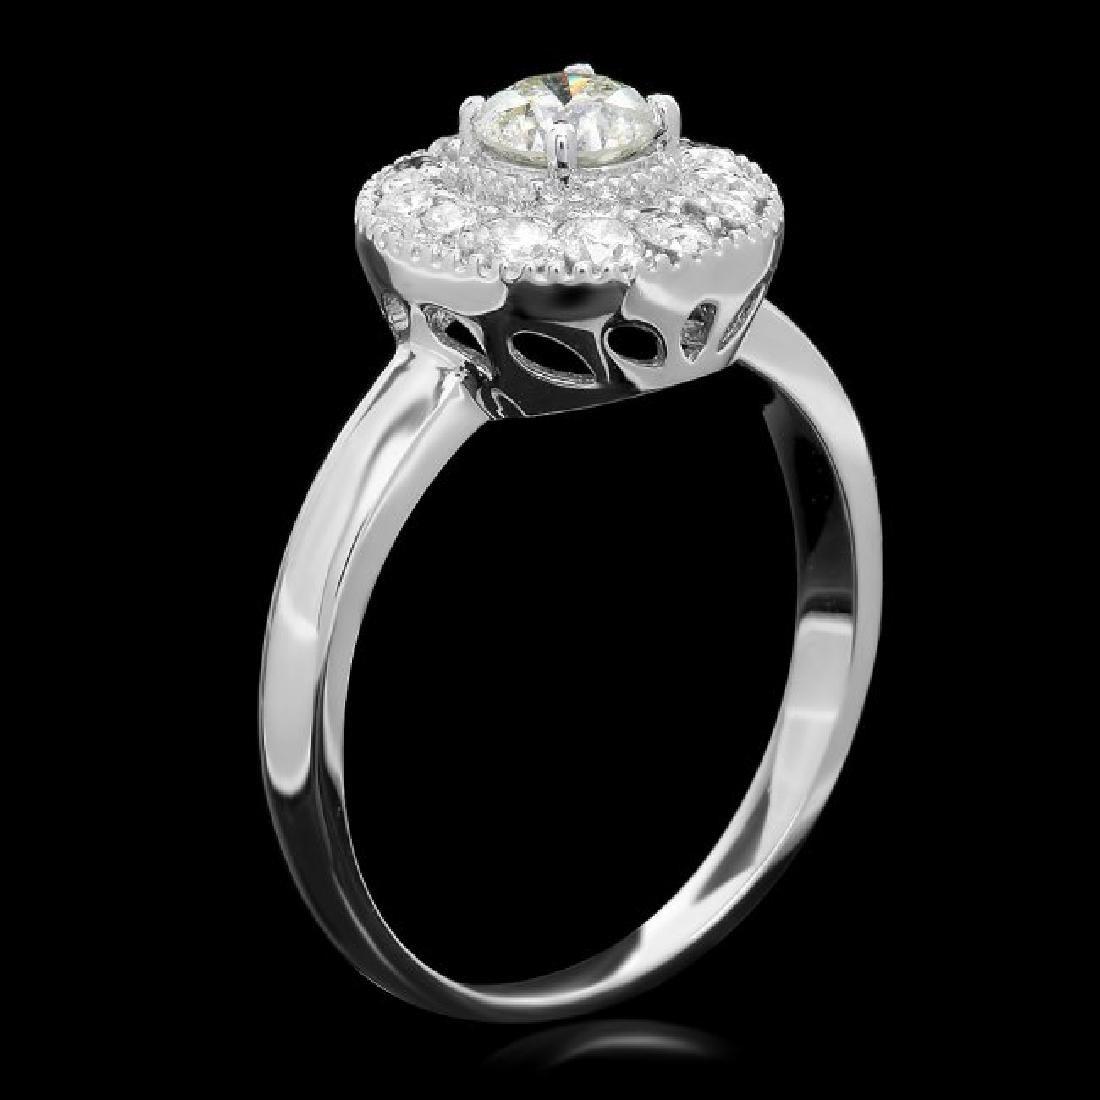 14k White Gold .75ct Diamond Ring - 2